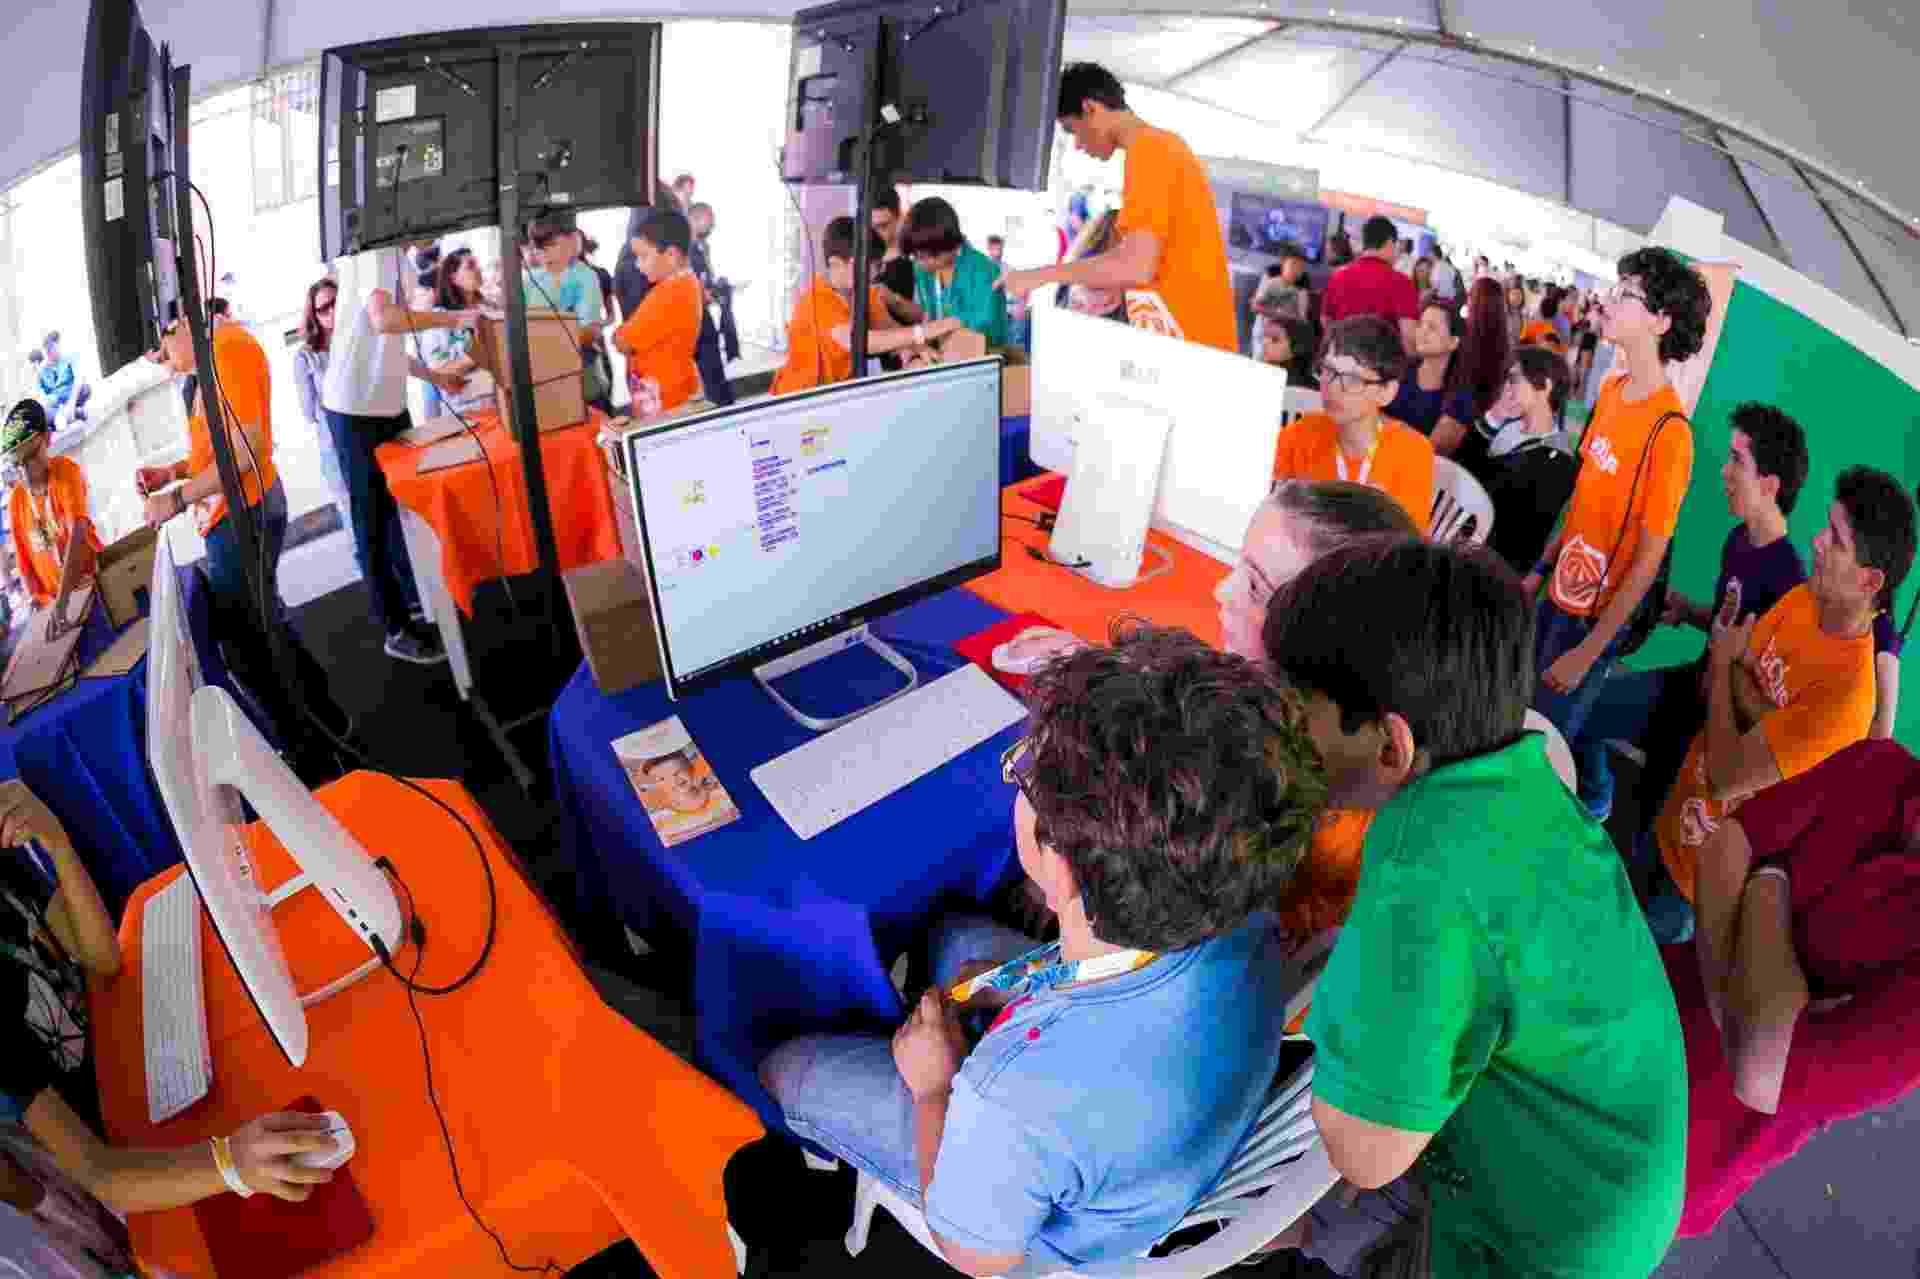 Buddys é uma escola de robótica e programação para crianças e adolescentes - Divulgação